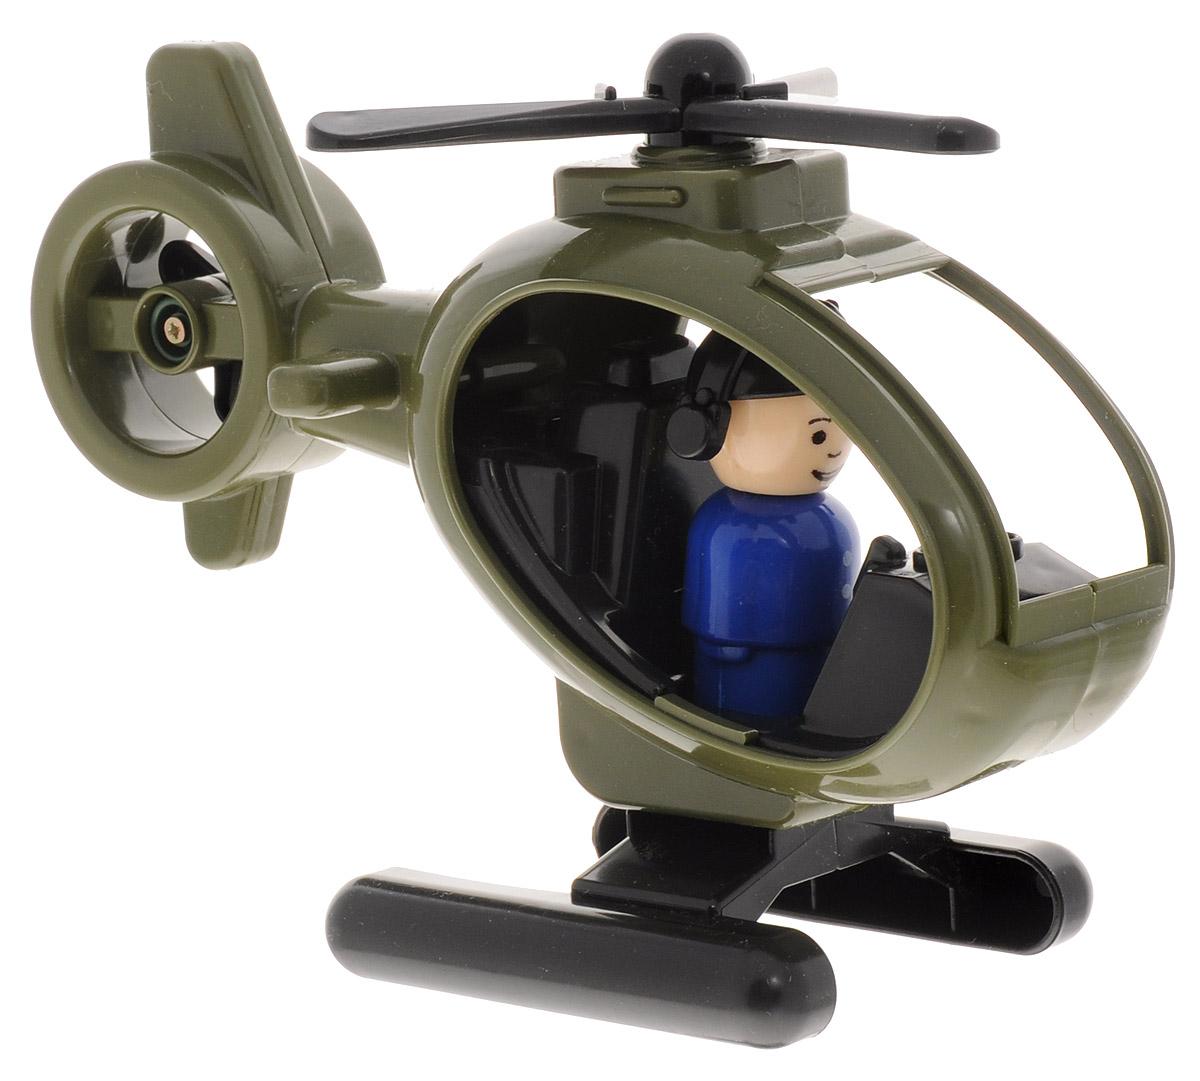 Форма Вертолет Детский сад цвет хакиС-122-Ф_коричневыйВертолет Форма Детский сад - это яркая игрушка, сделанная из качественного материала. Основной и хвостовой пропеллеры вращаются. В комплекте с вертолетом идет фигурка пилота. Фигурку можно вынуть из вертолета и играть с ней отдельно. Интересная форма и движущиеся элементы принесут массу радостных эмоций малышку!